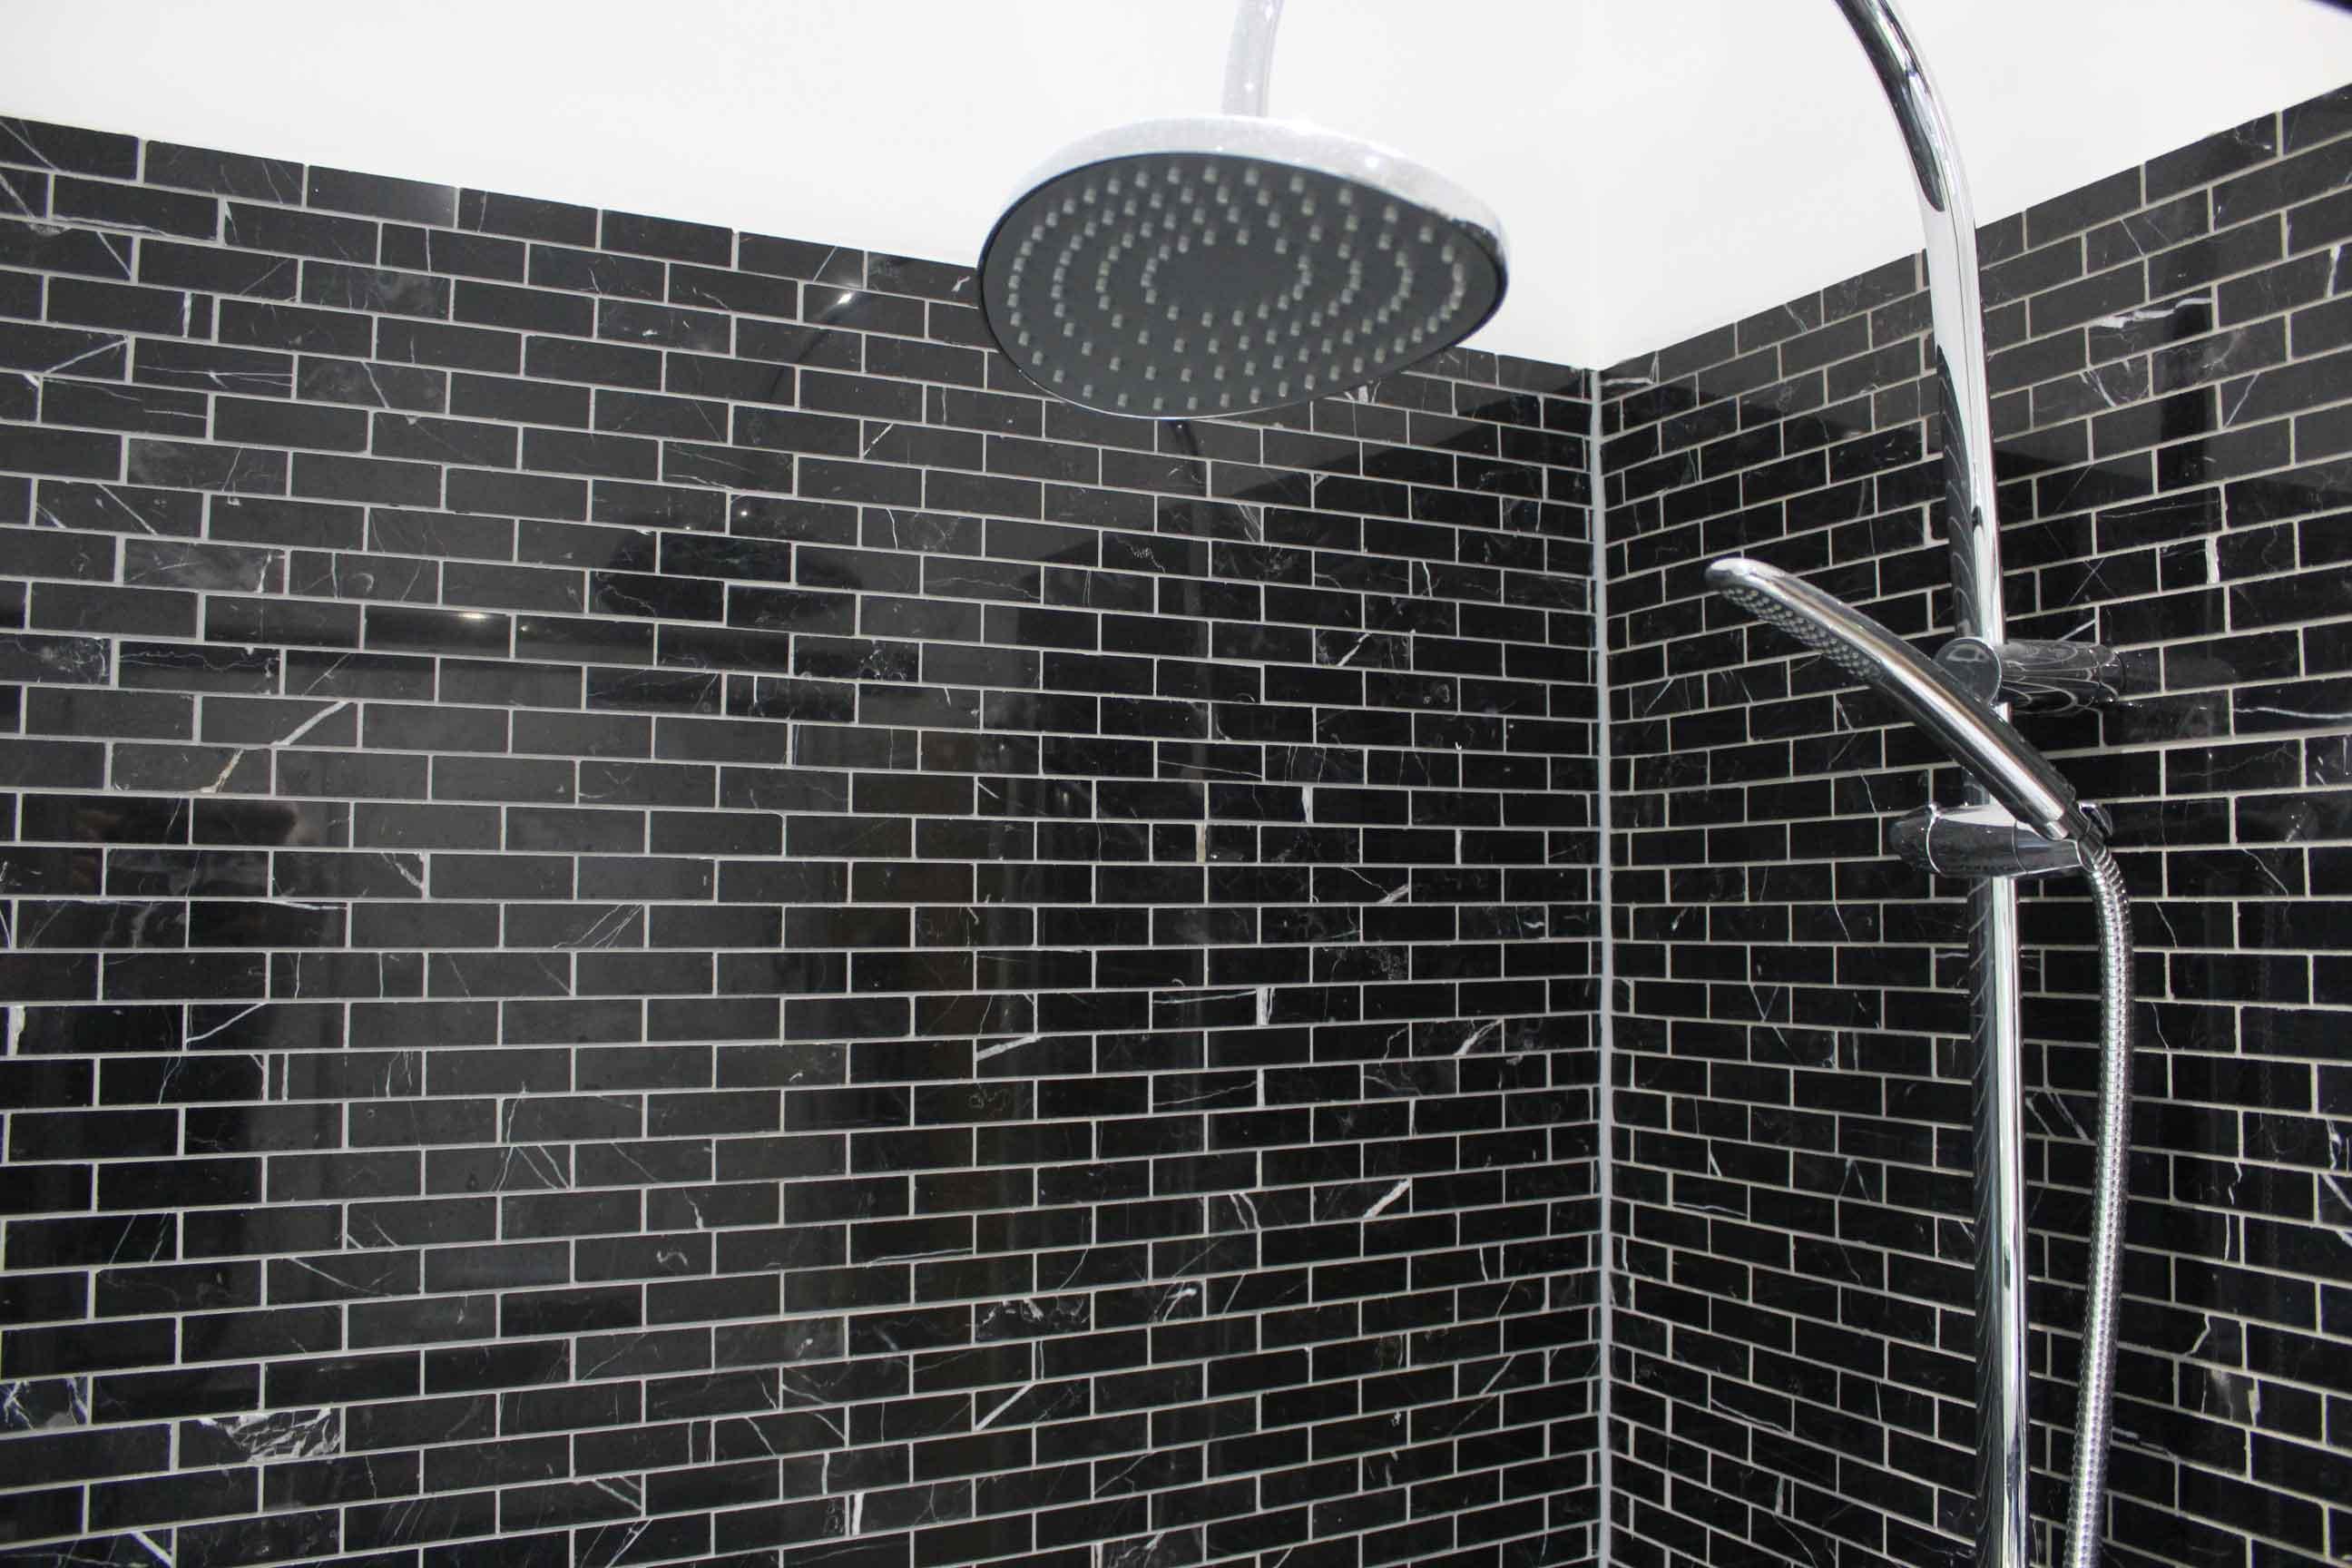 Marquina Marble Brick Mosaic Tiles